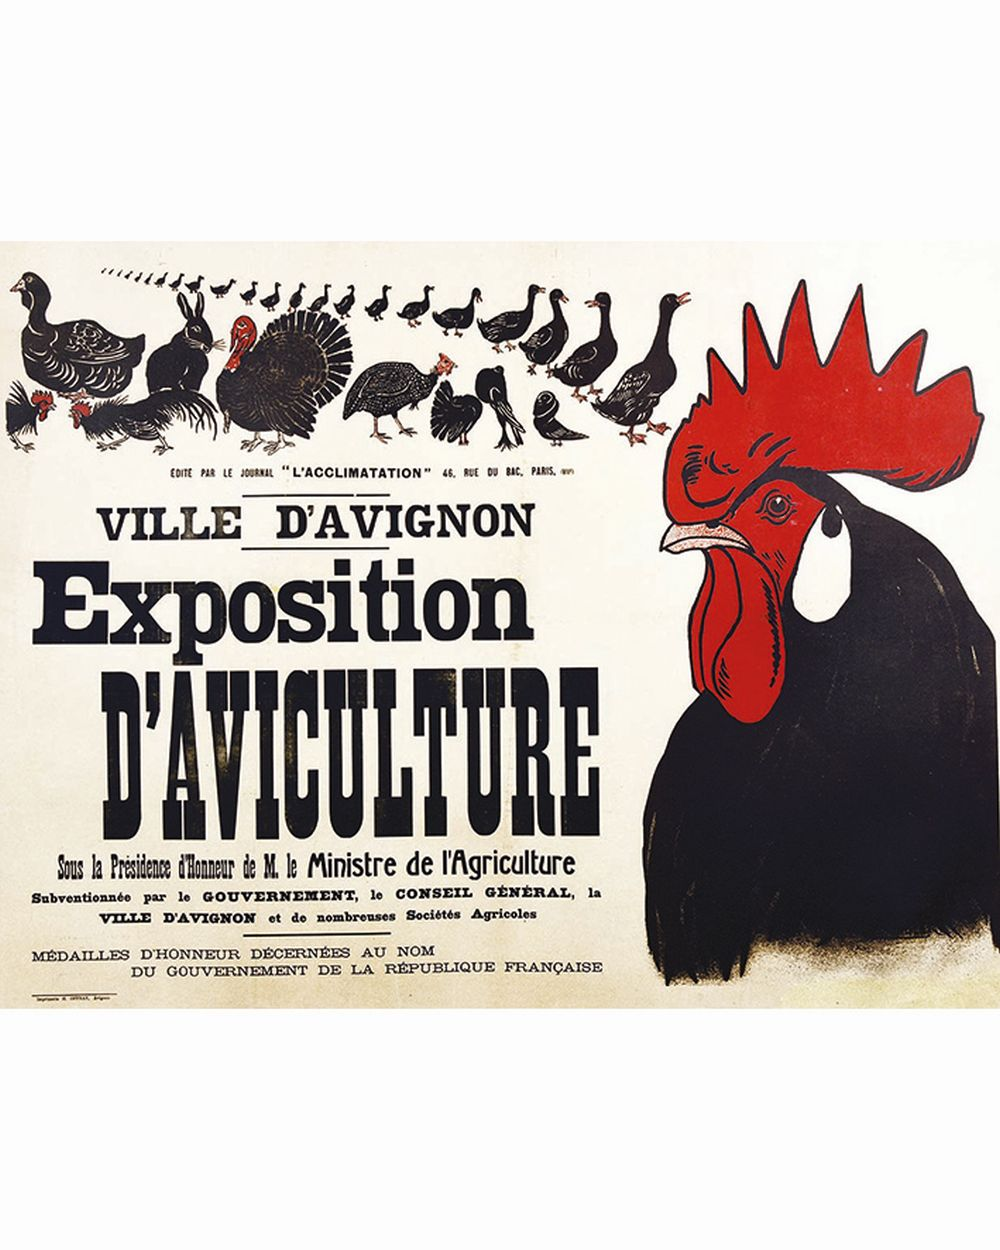 Exposition D'Aviculture Ville d'Avignon     vers 1900  Avignon (Vaucluse)